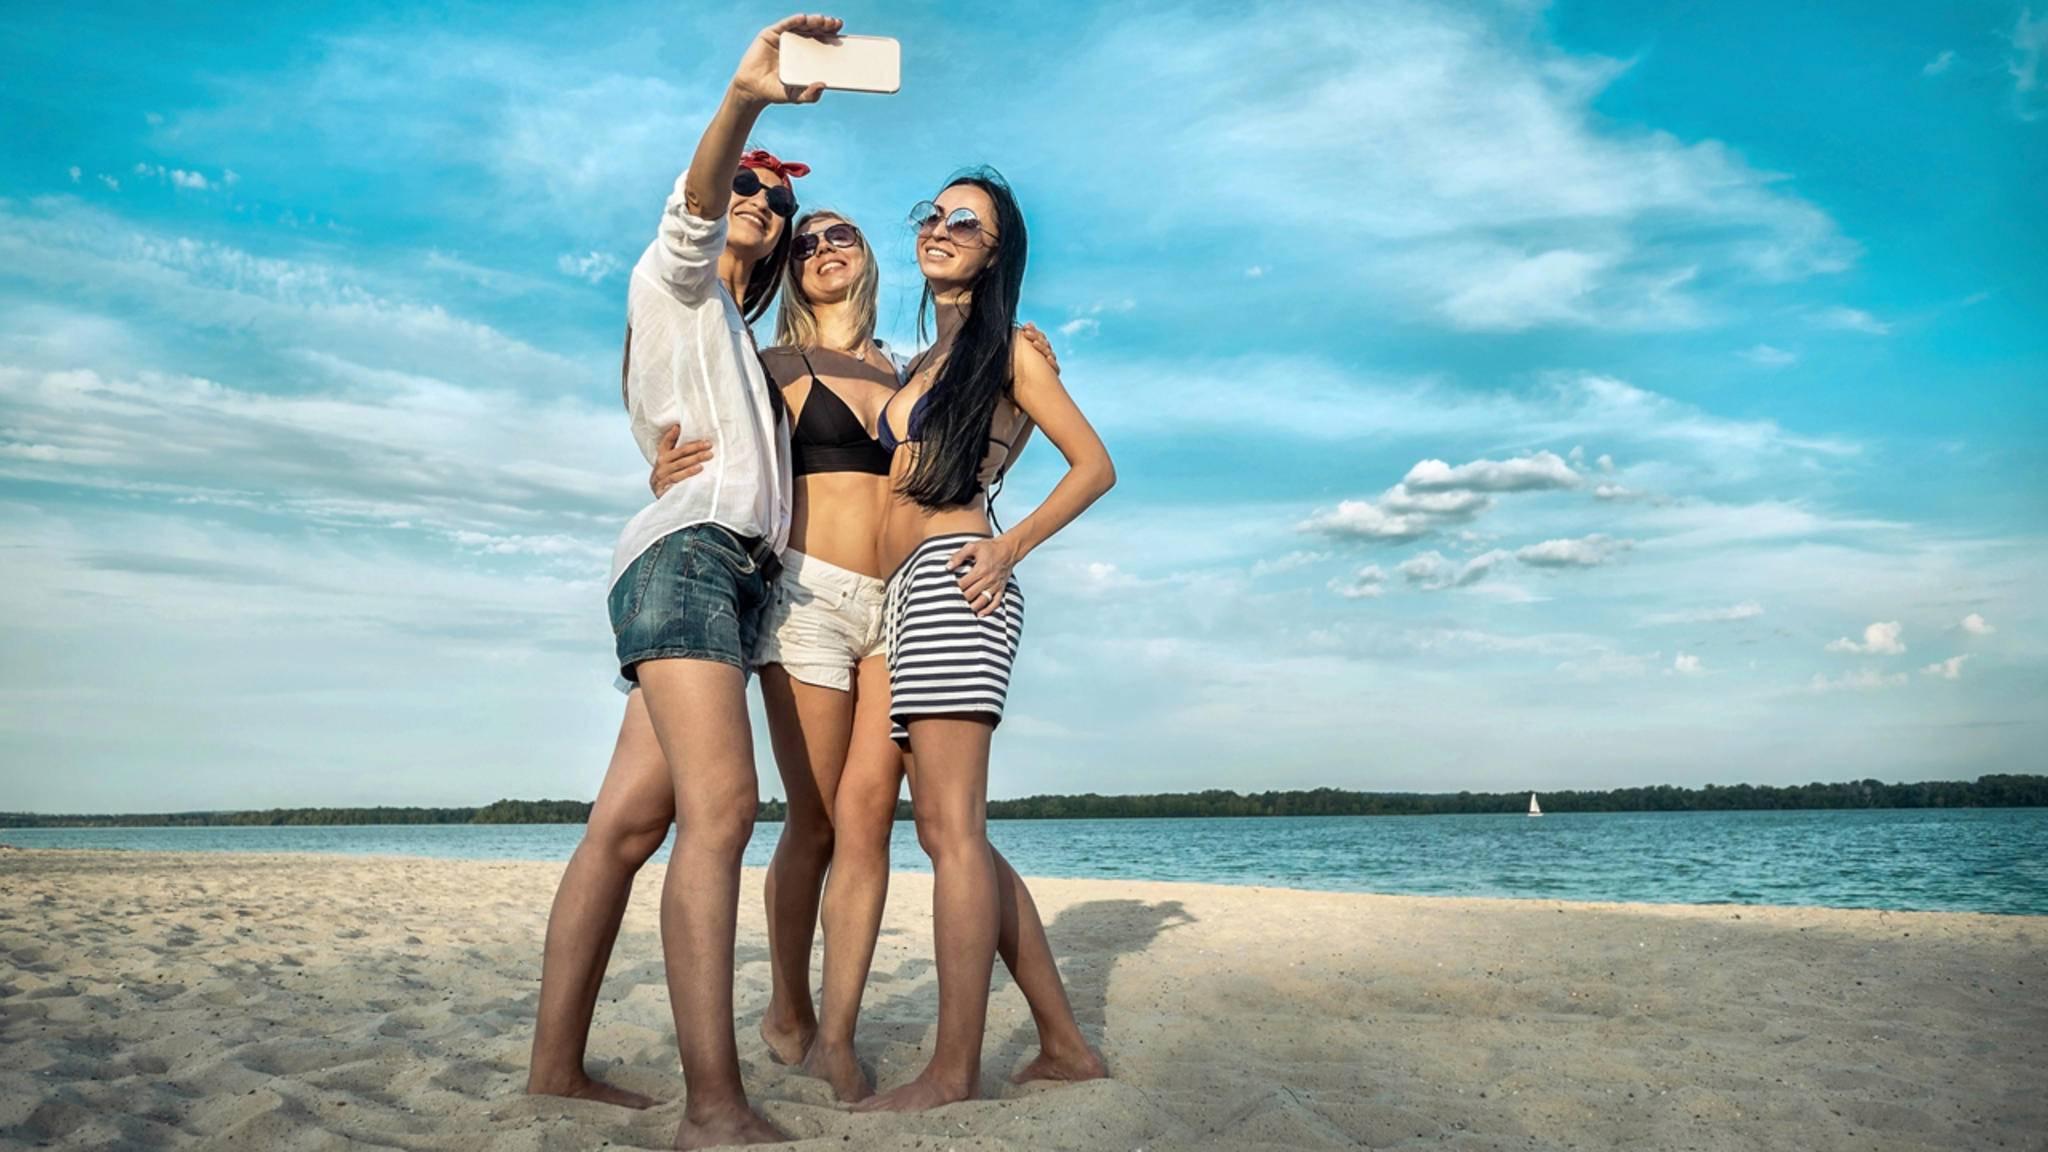 Sommer, Sonne, Strand: Verbreite doch mal etwas Urlaubslaune bei WhatsApp.